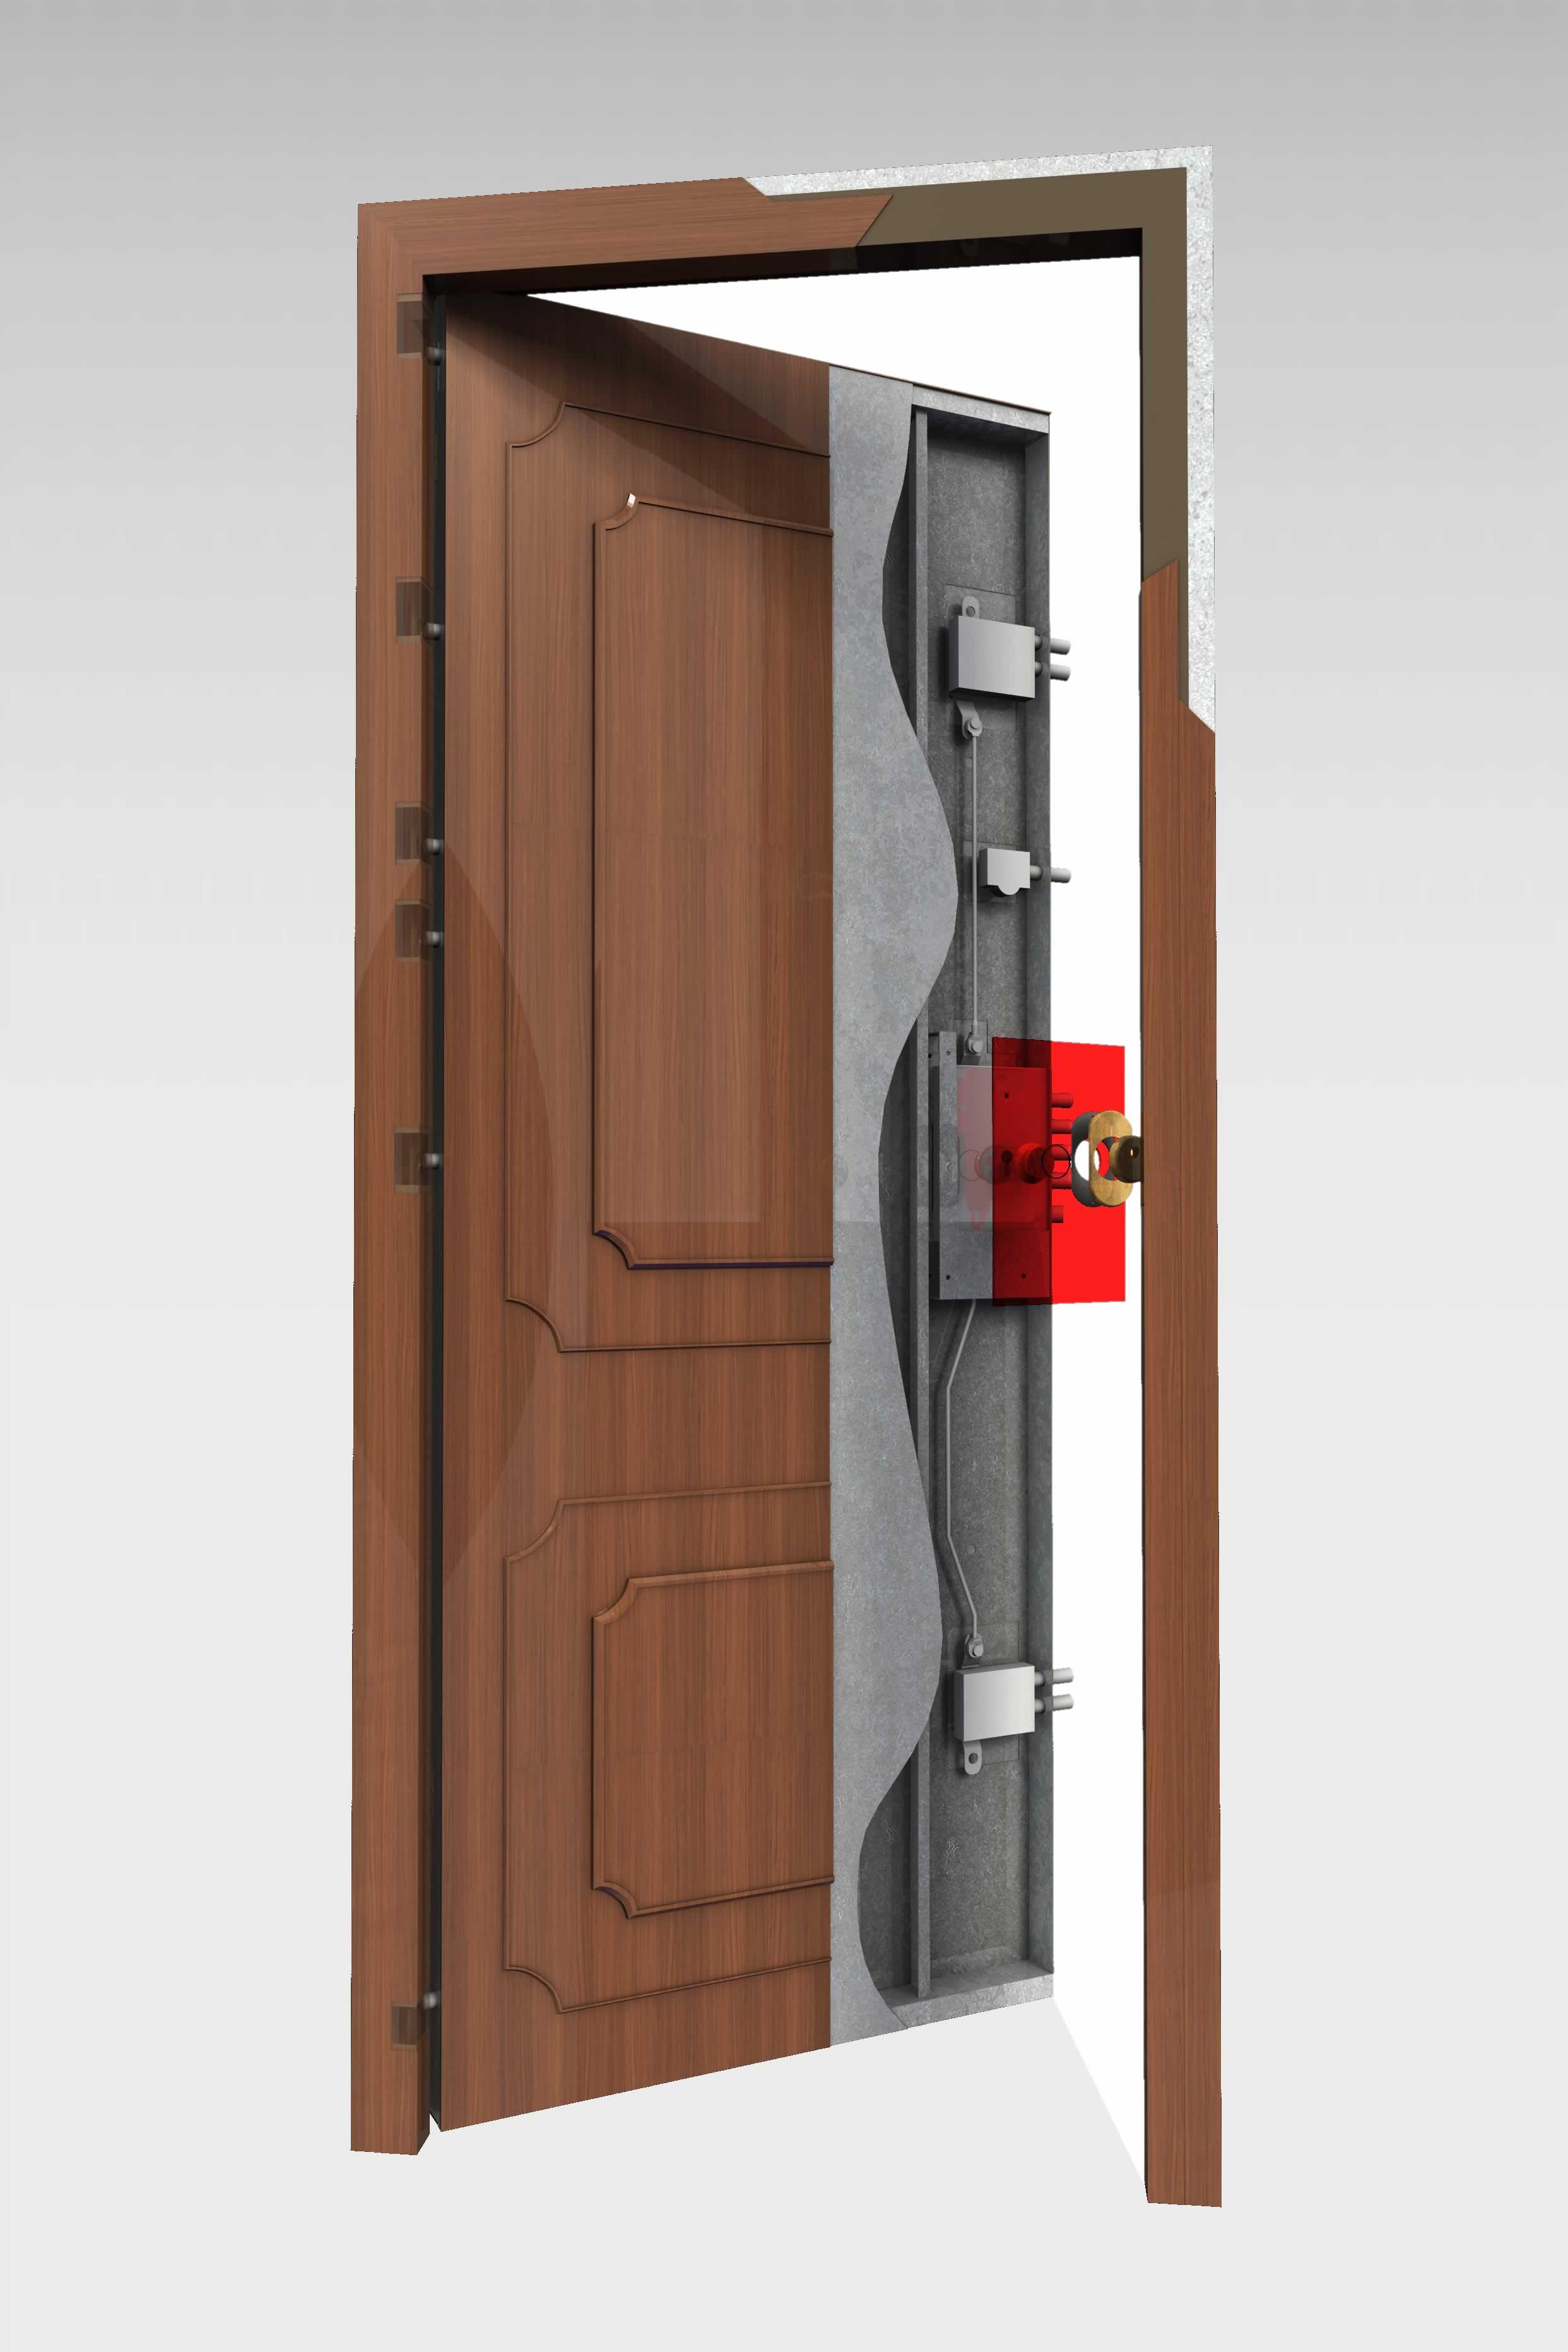 Puerta acorazada 310 roconsa for Puertas blindadas precios